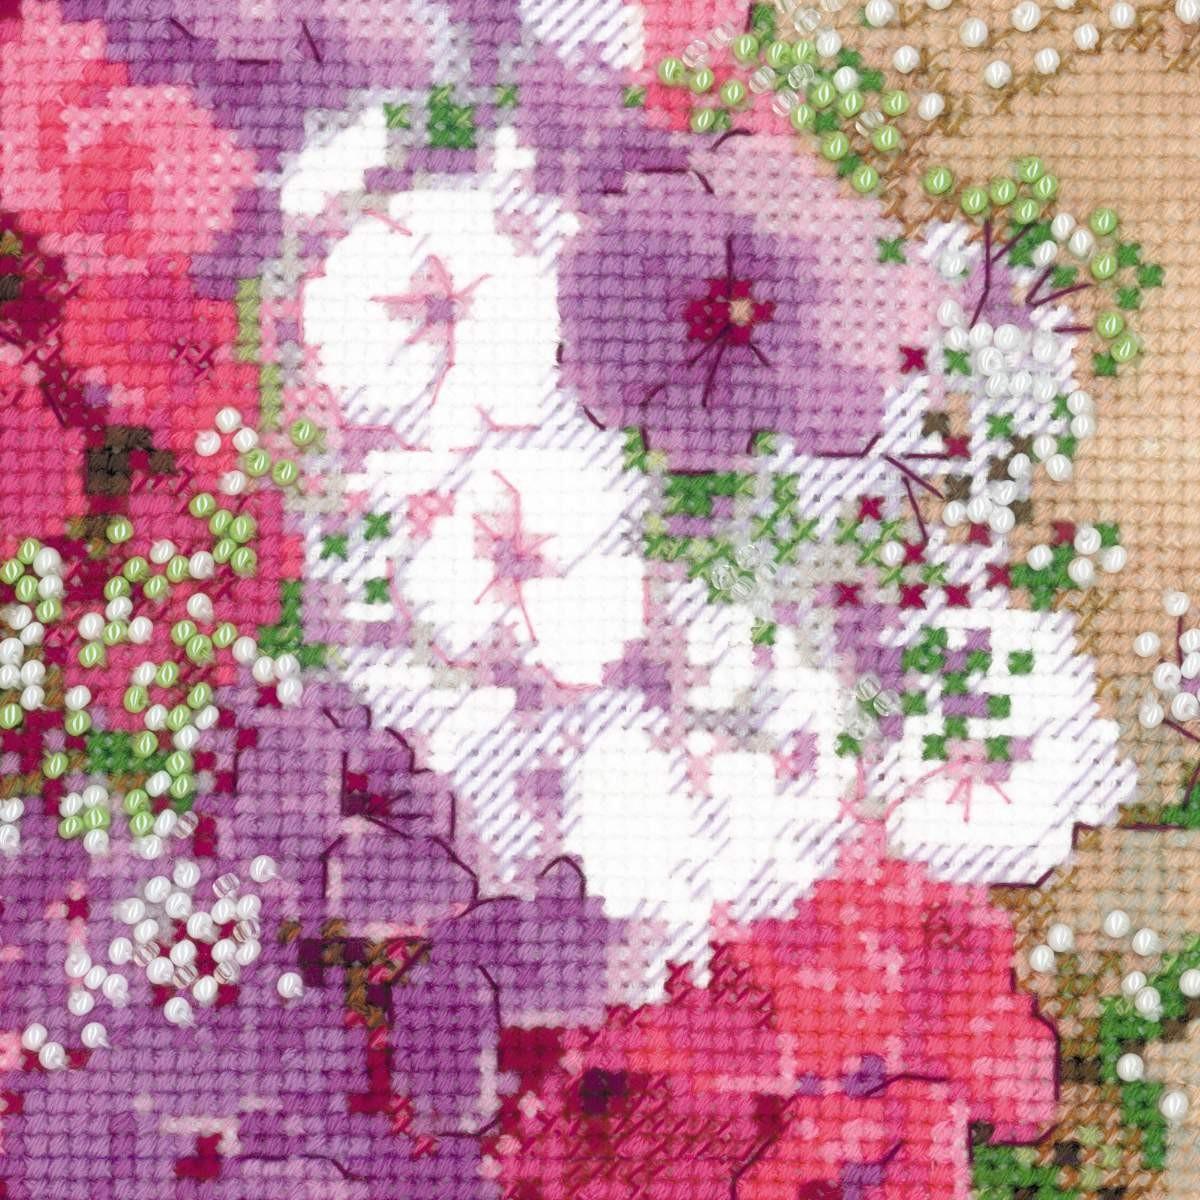 Вышивка крестом риолис каталог официальный сайт 683